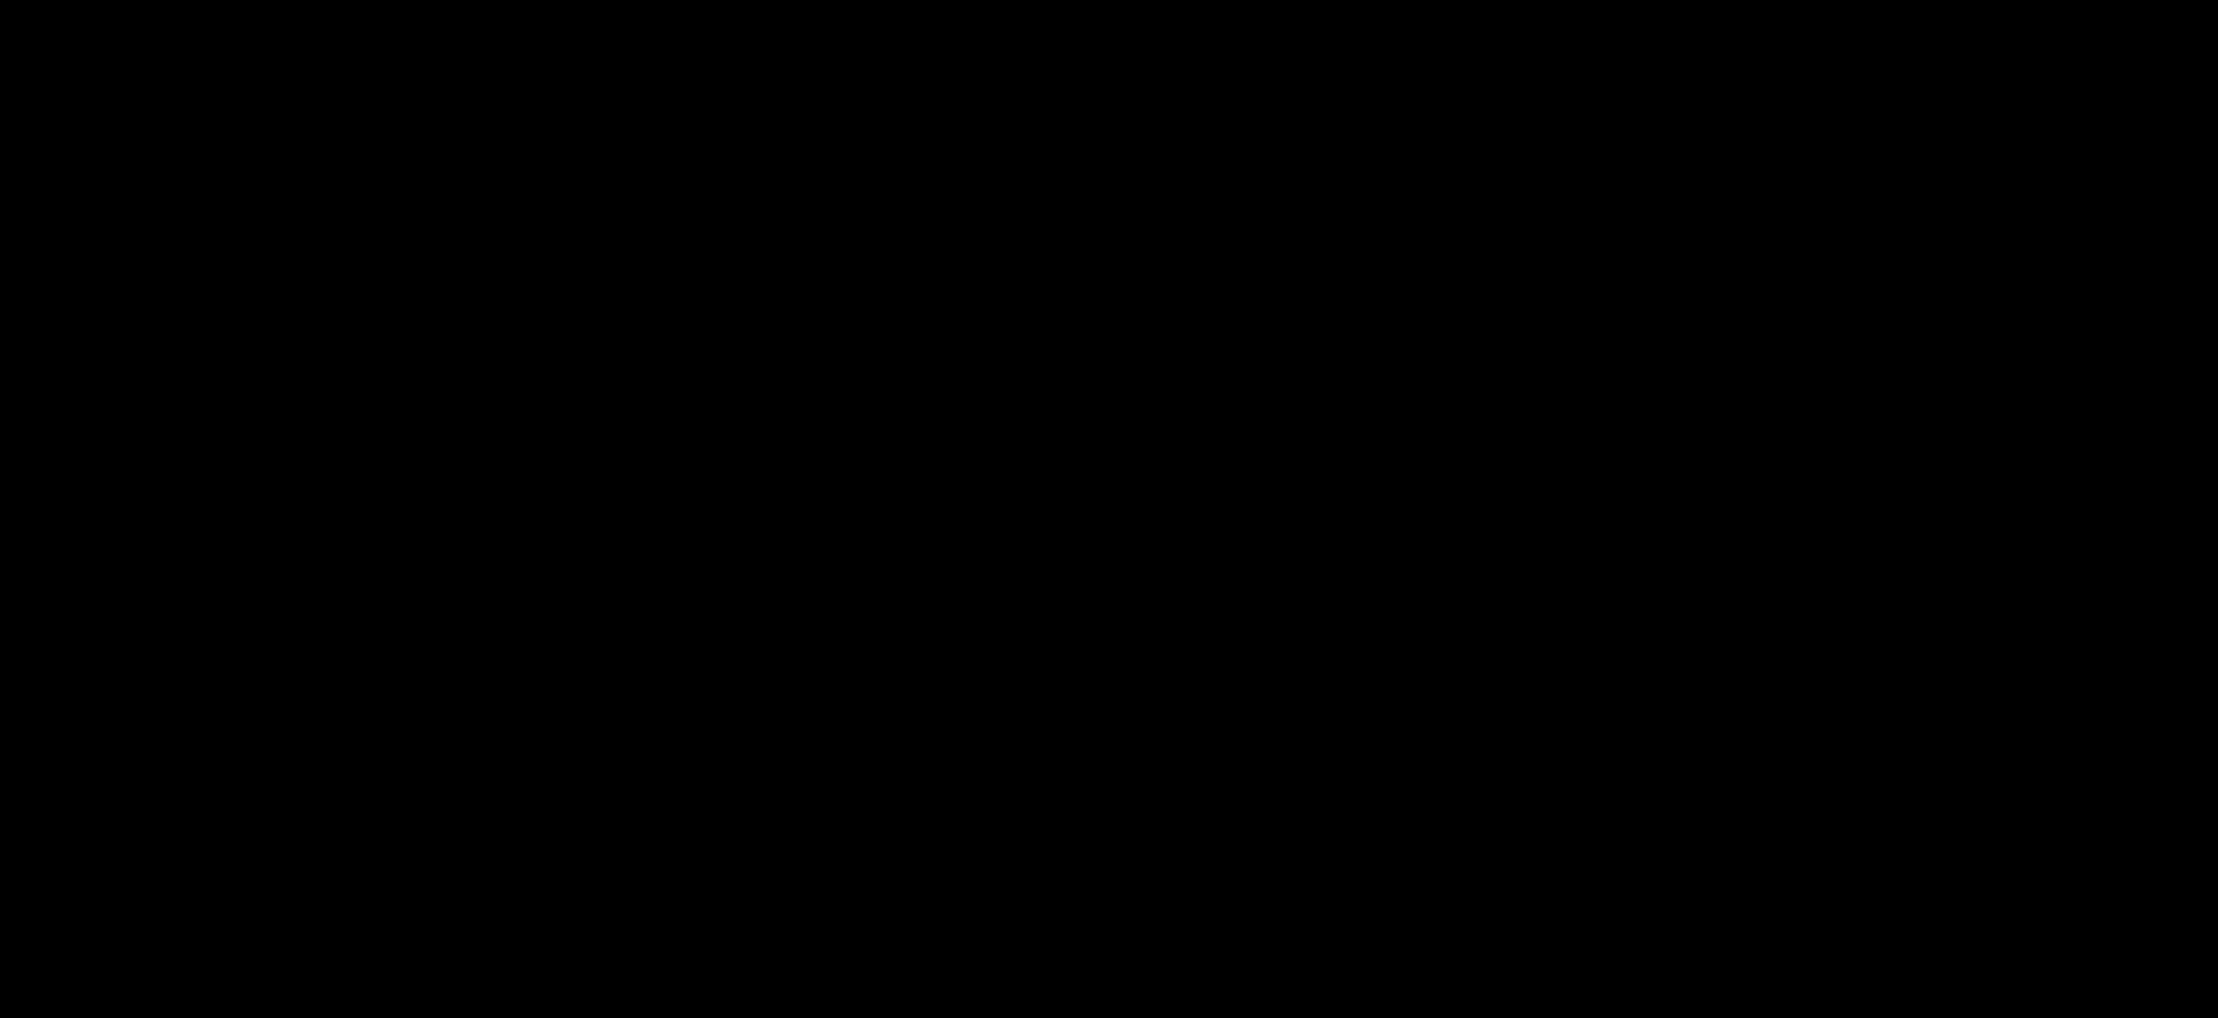 Black Eagle clipart silhouette Silhouette Wingspan Clipart Silhouette Eagle